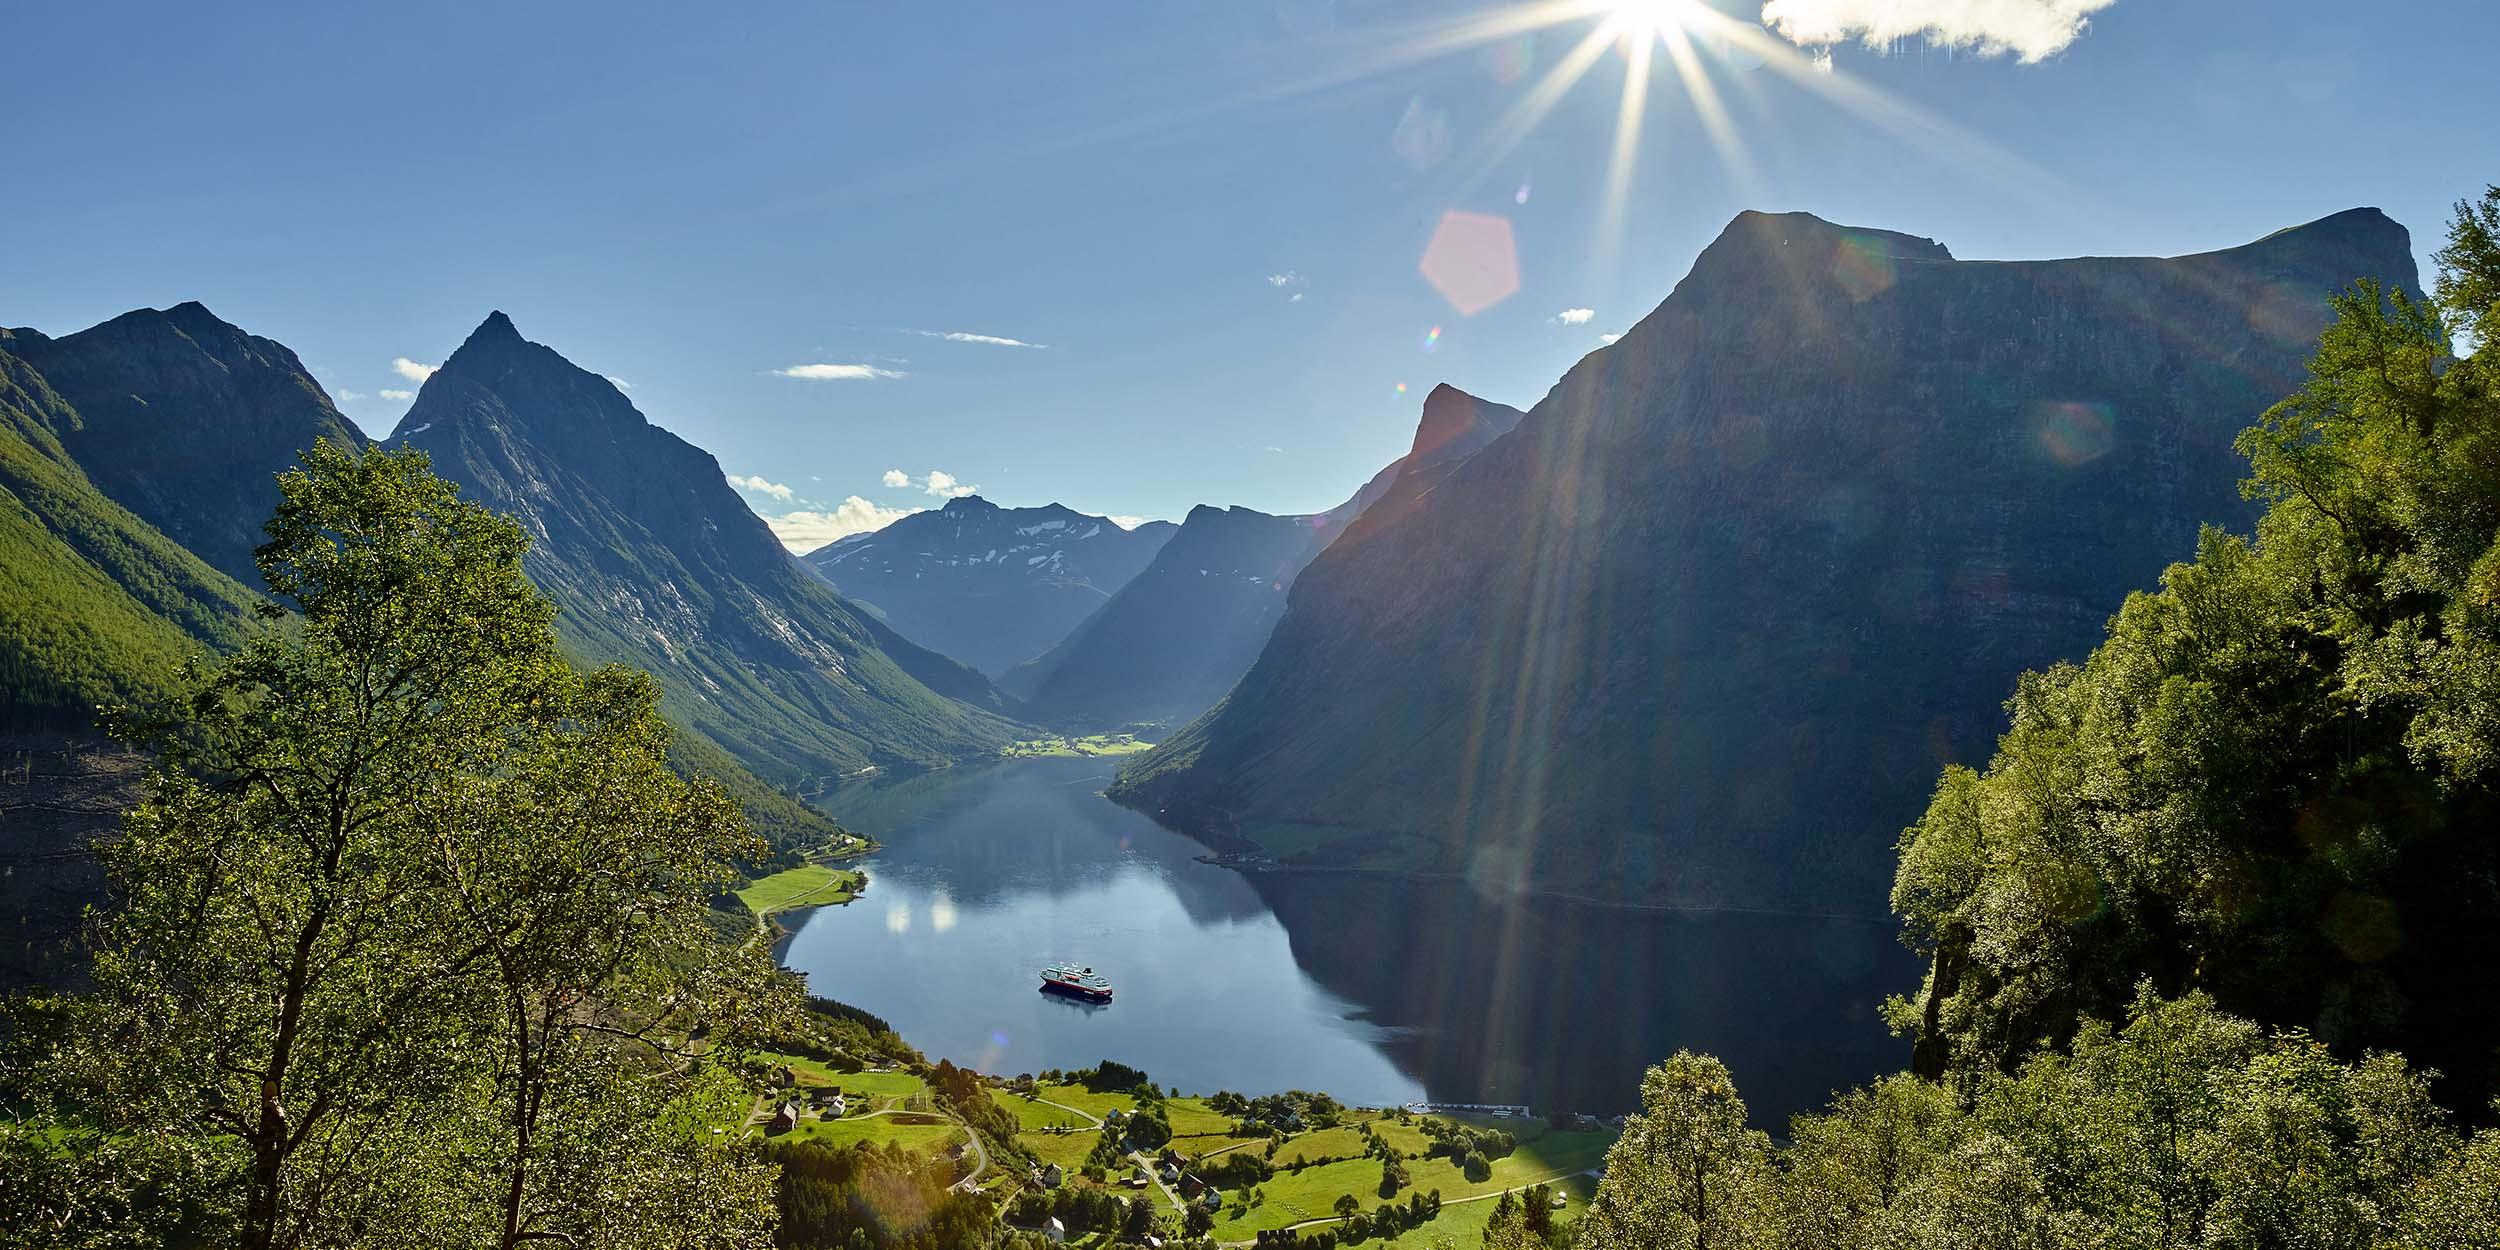 hurtigruten_hj%c2%afrundfjorden_pano_foto_yrjan_bertelsen_282-jpg